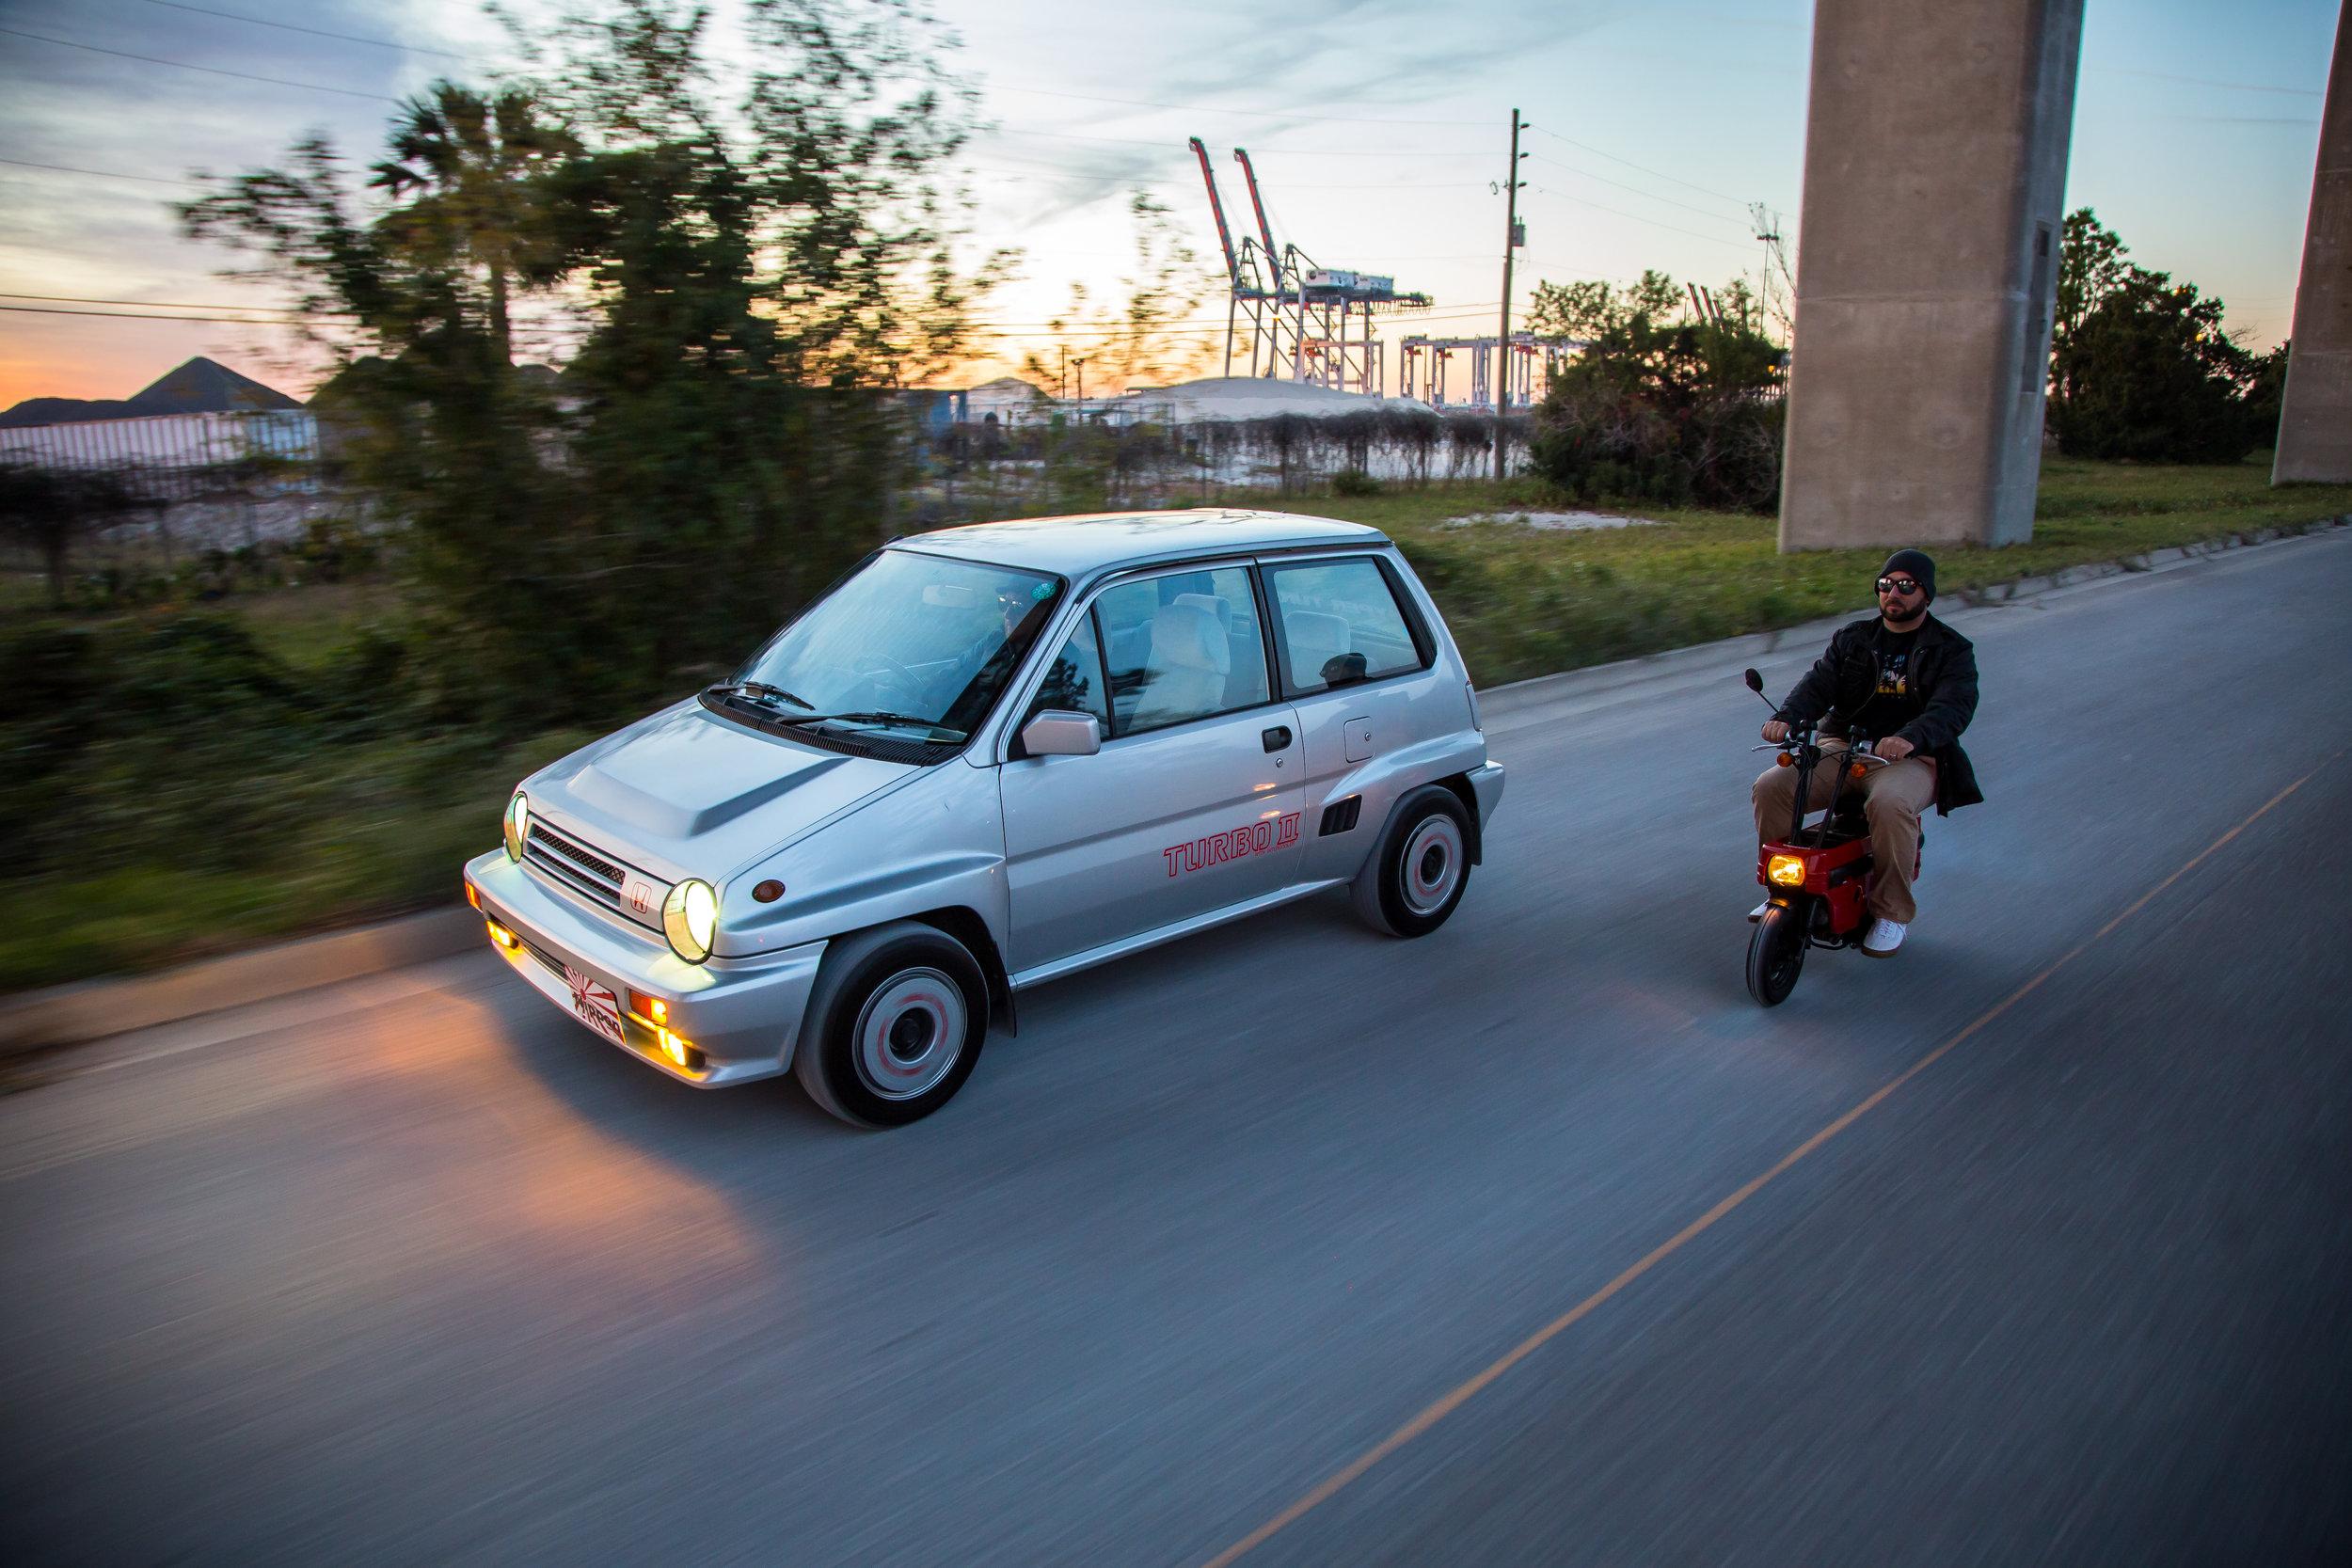 1983-honda-city-turbo-ii--motocompo_46384132101_o.jpg